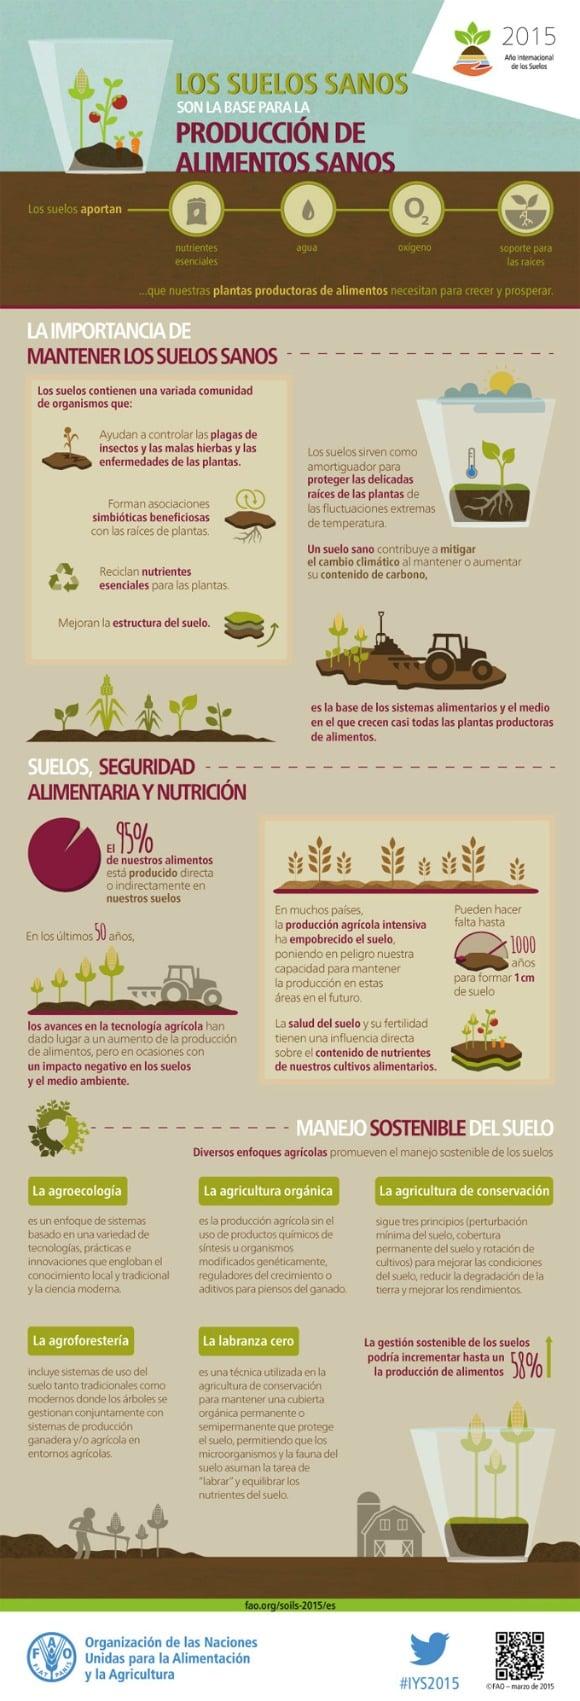 infografia_fao